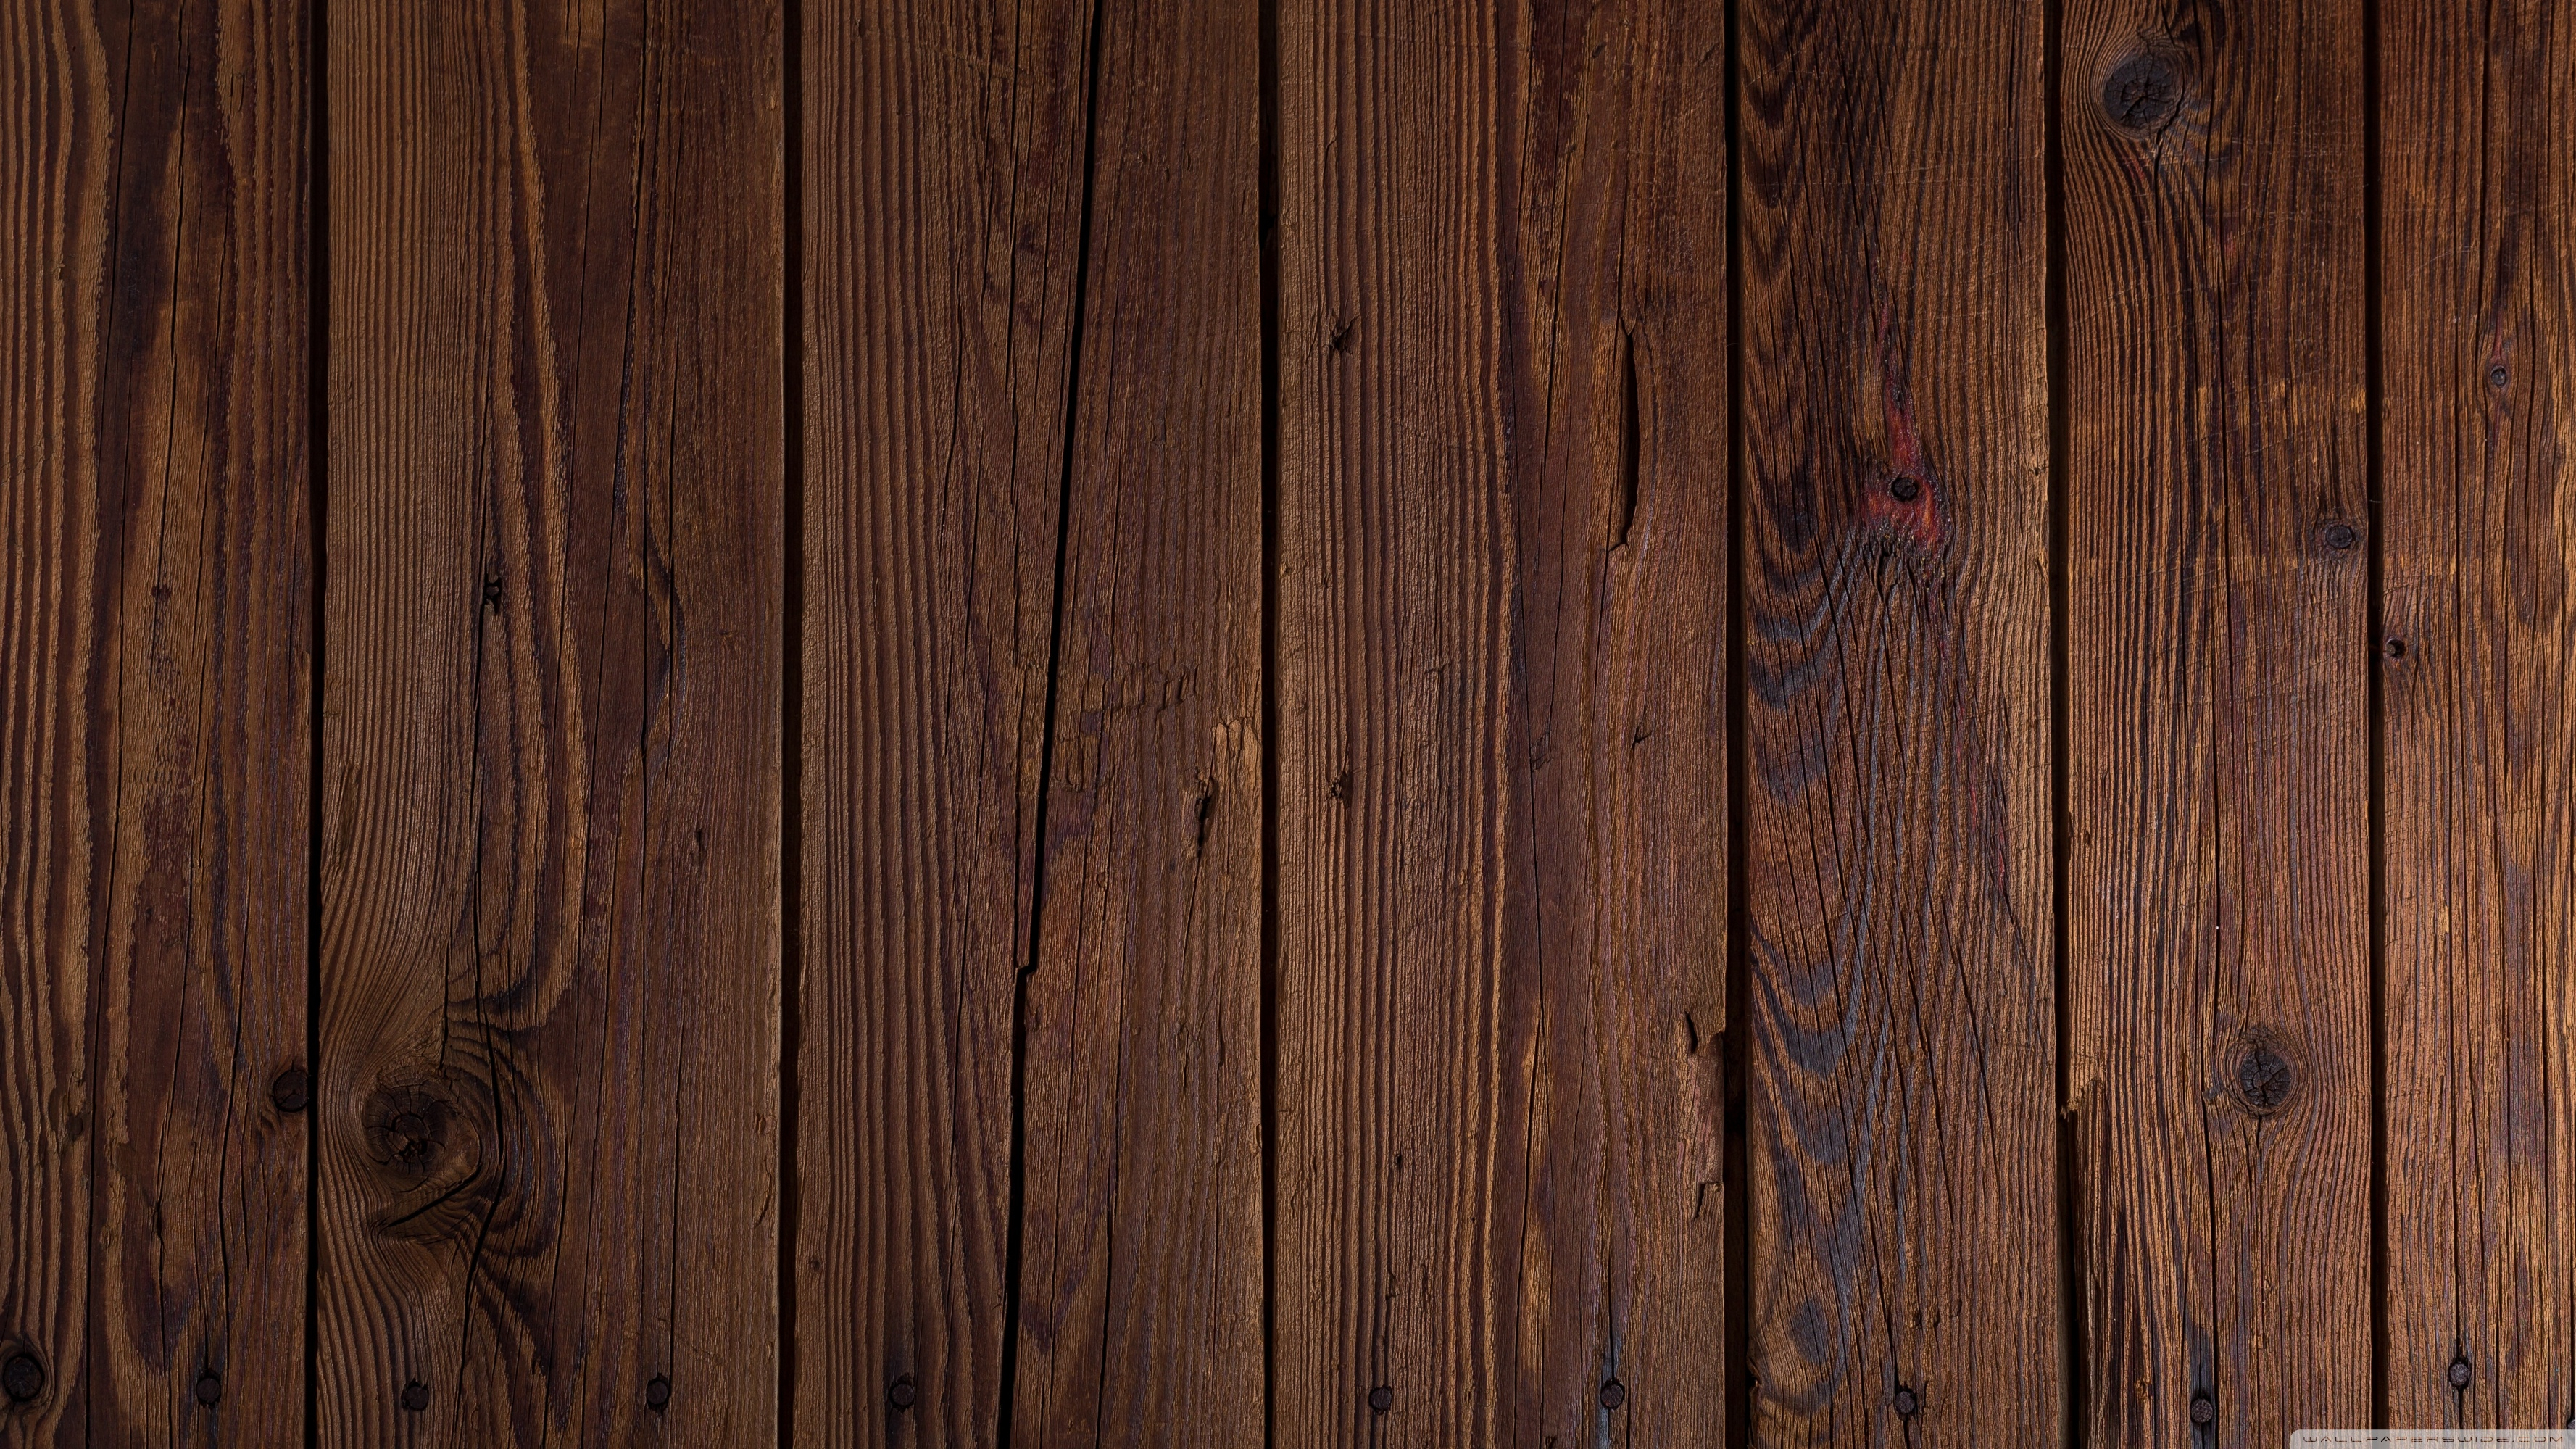 wood background ❤ 4k hd desktop wallpaper for 4k ultra hd tv • wide